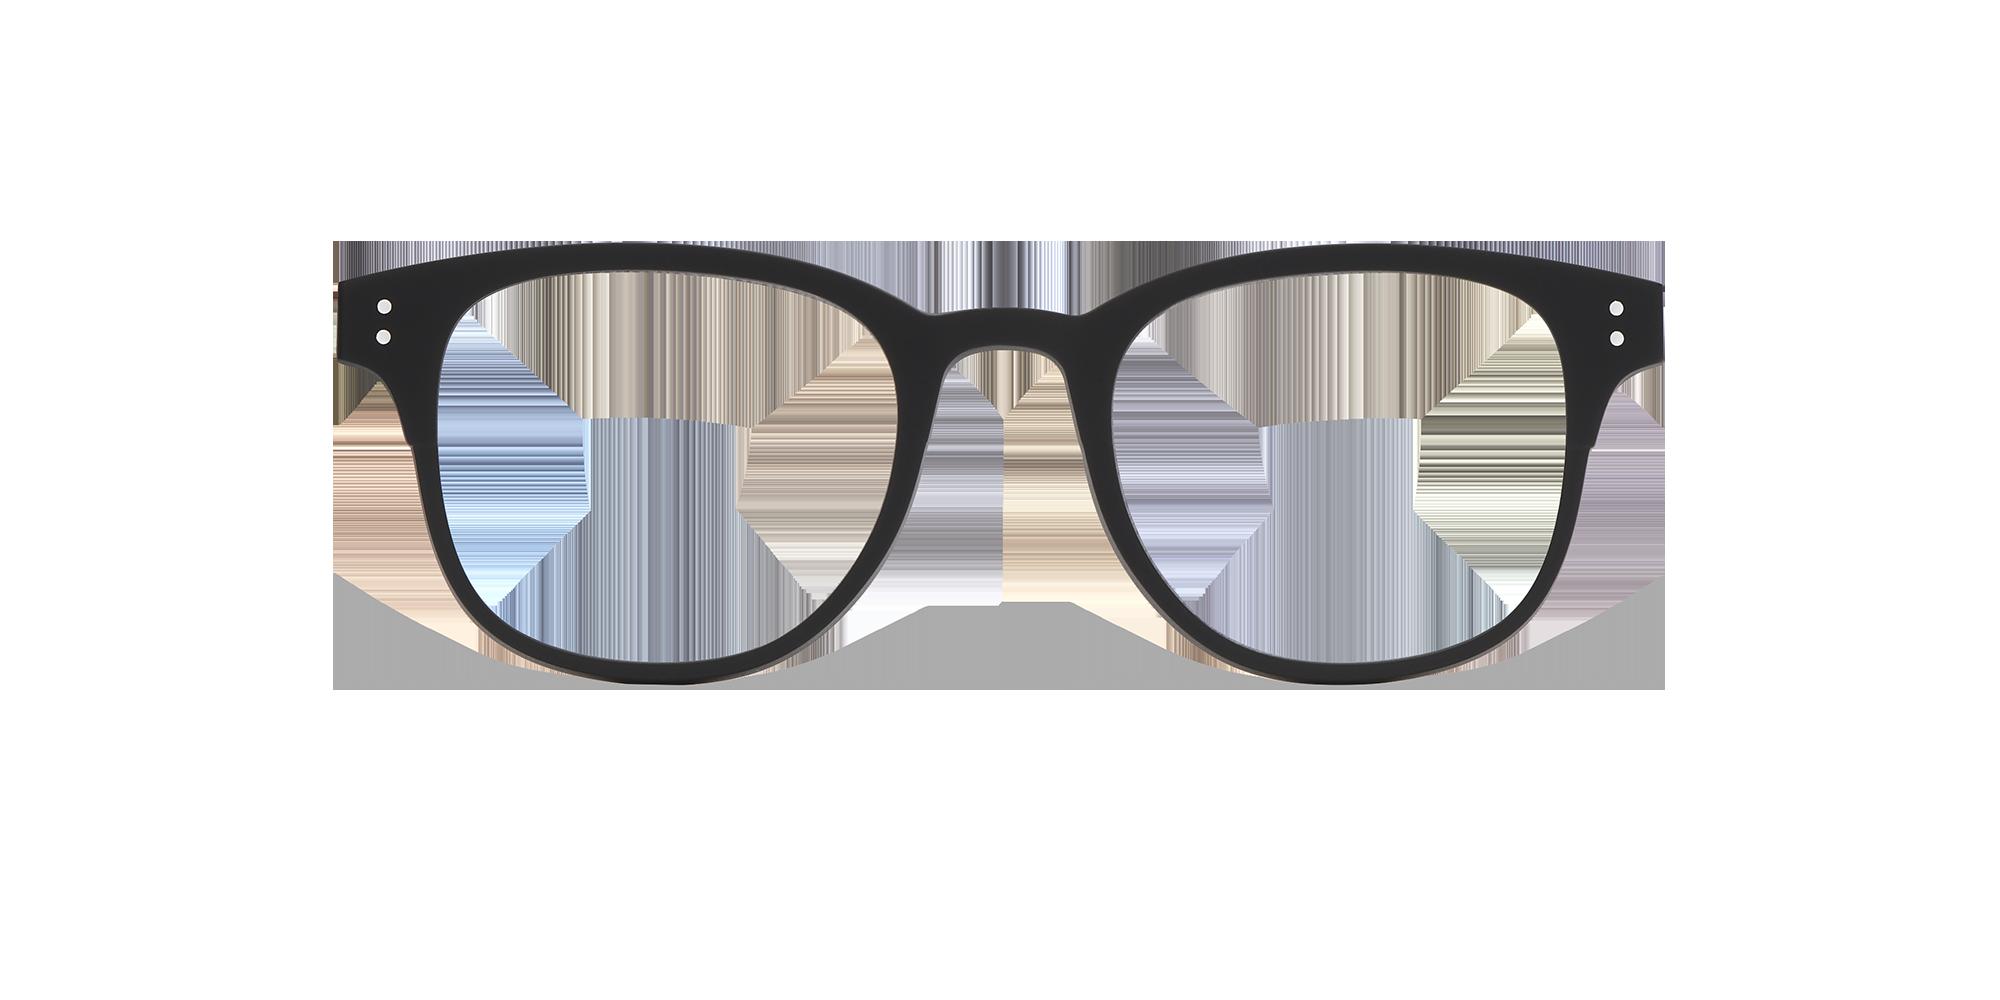 afflelou/france/products/smart_clip/clips_glasses/TMK34NVBK015021.png